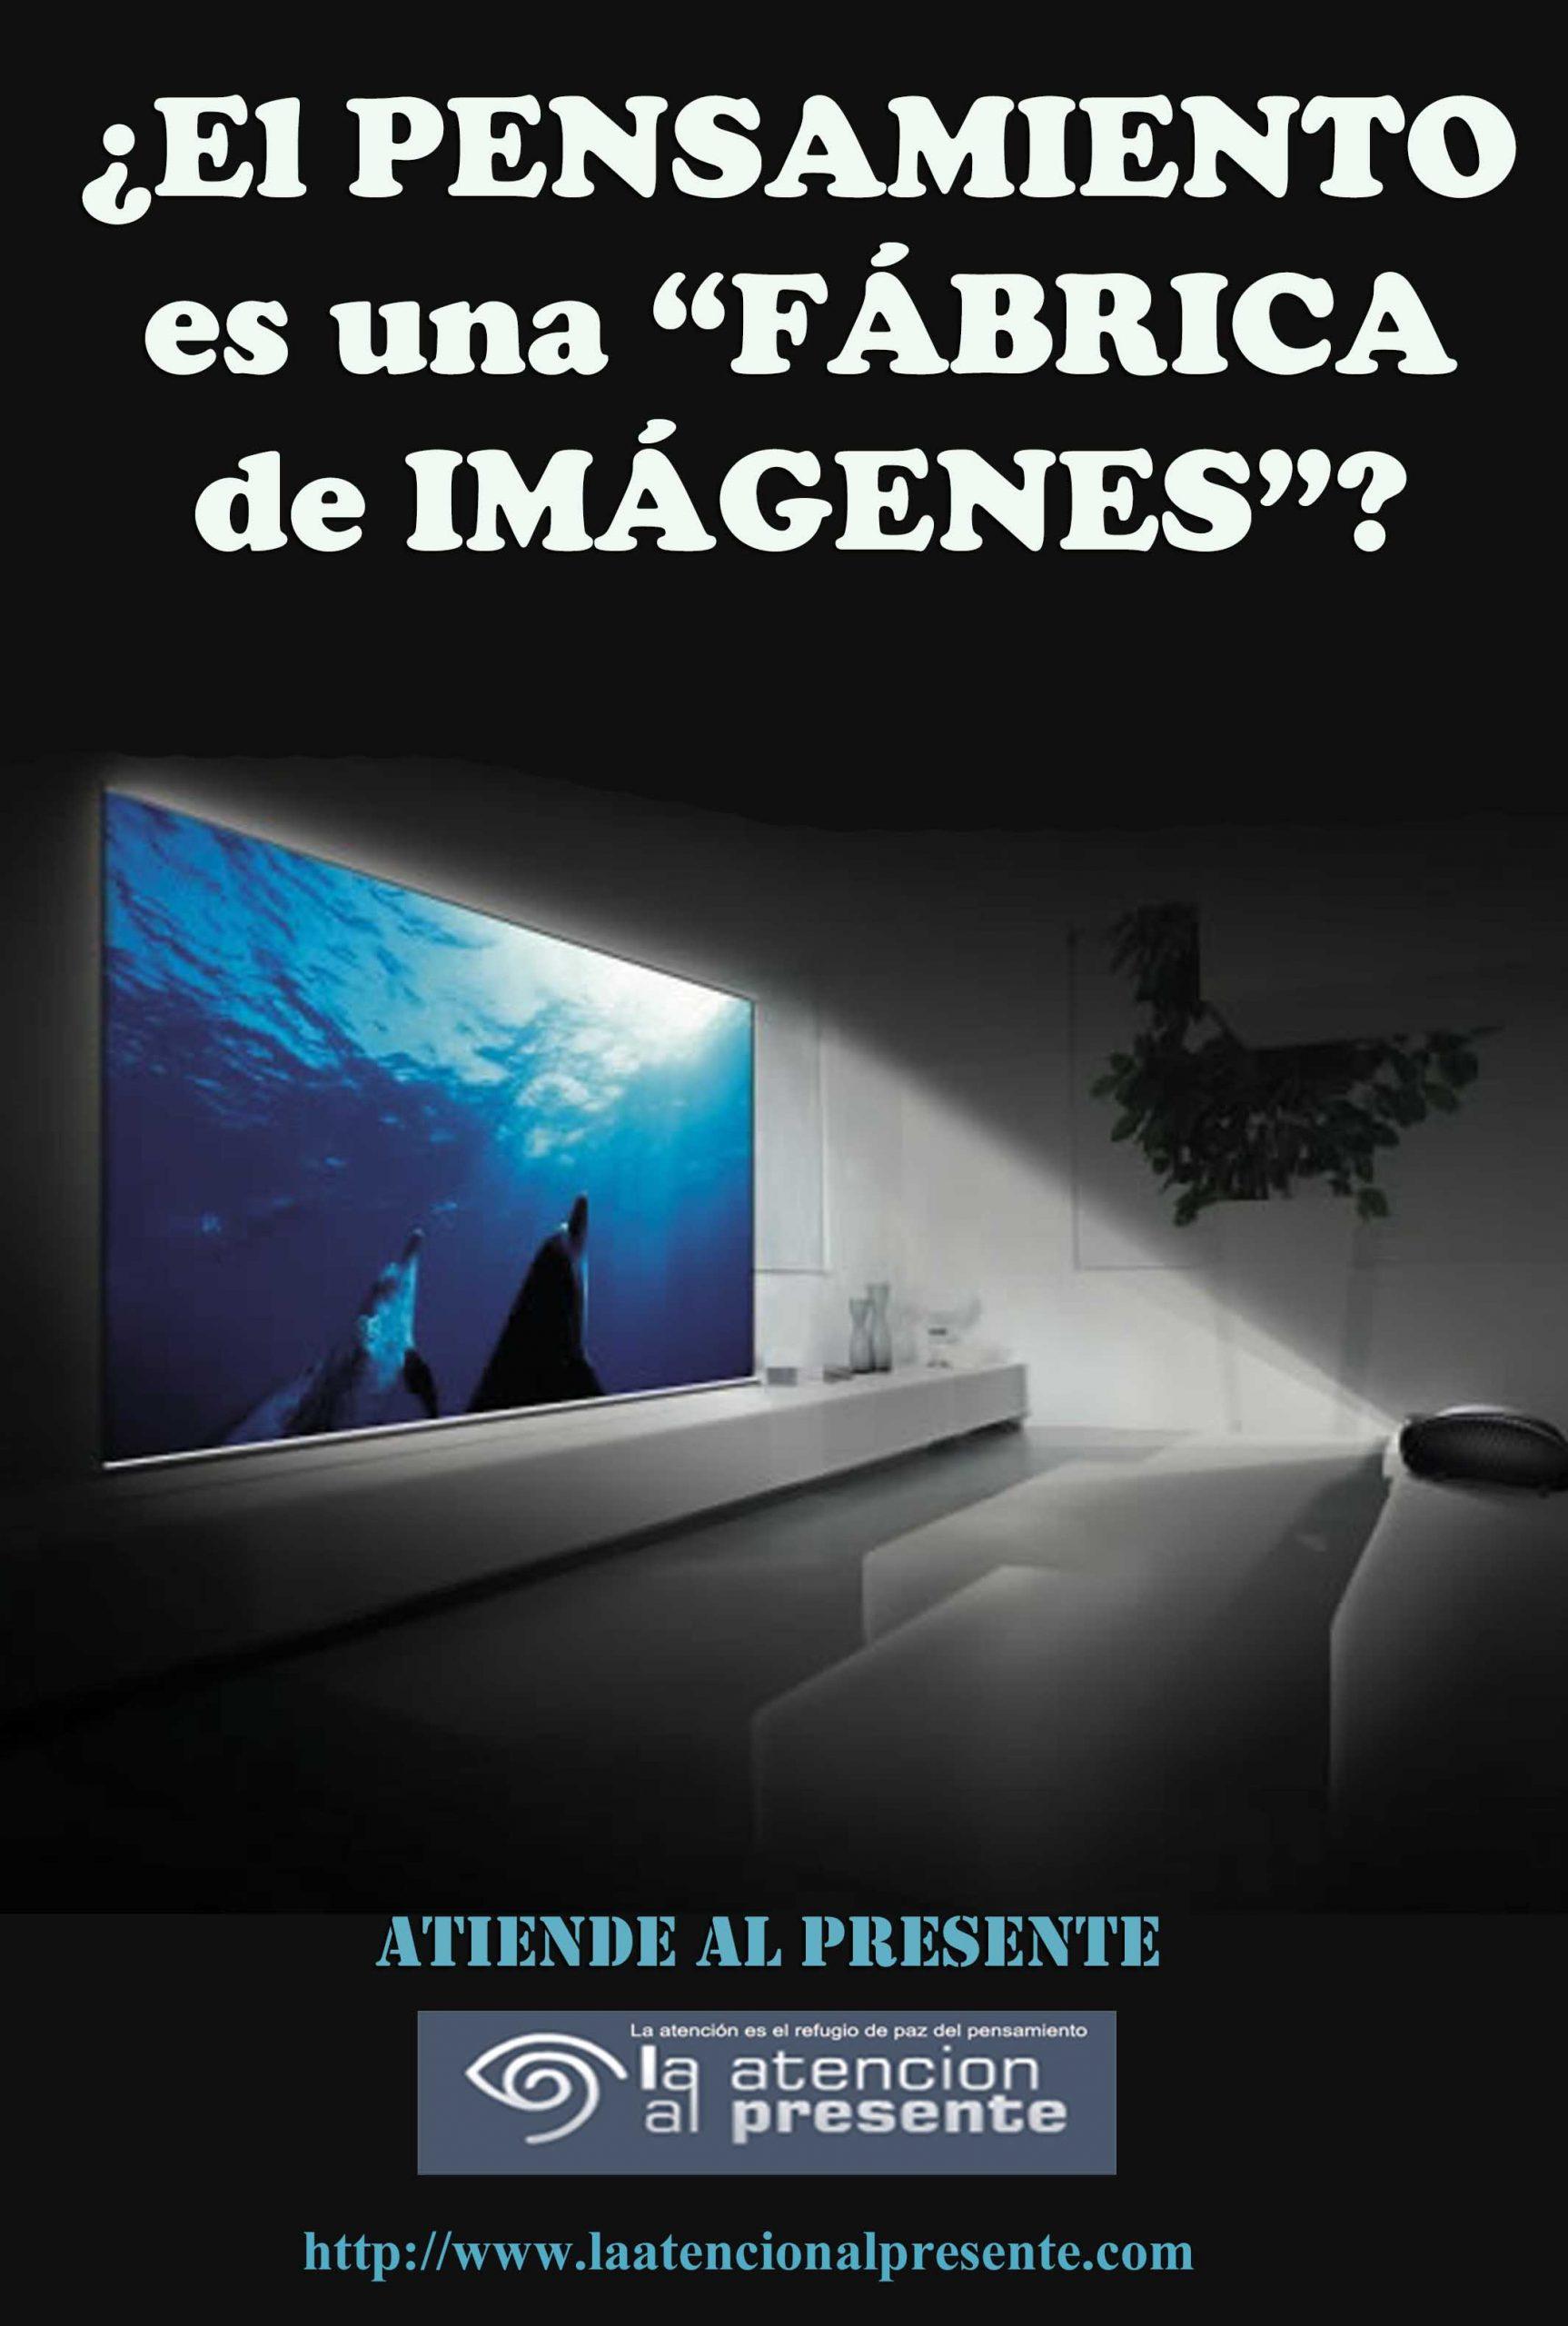 20 de Octubre ISA El PENSAMIENTO es una FABRICA de IMAGENES min scaled